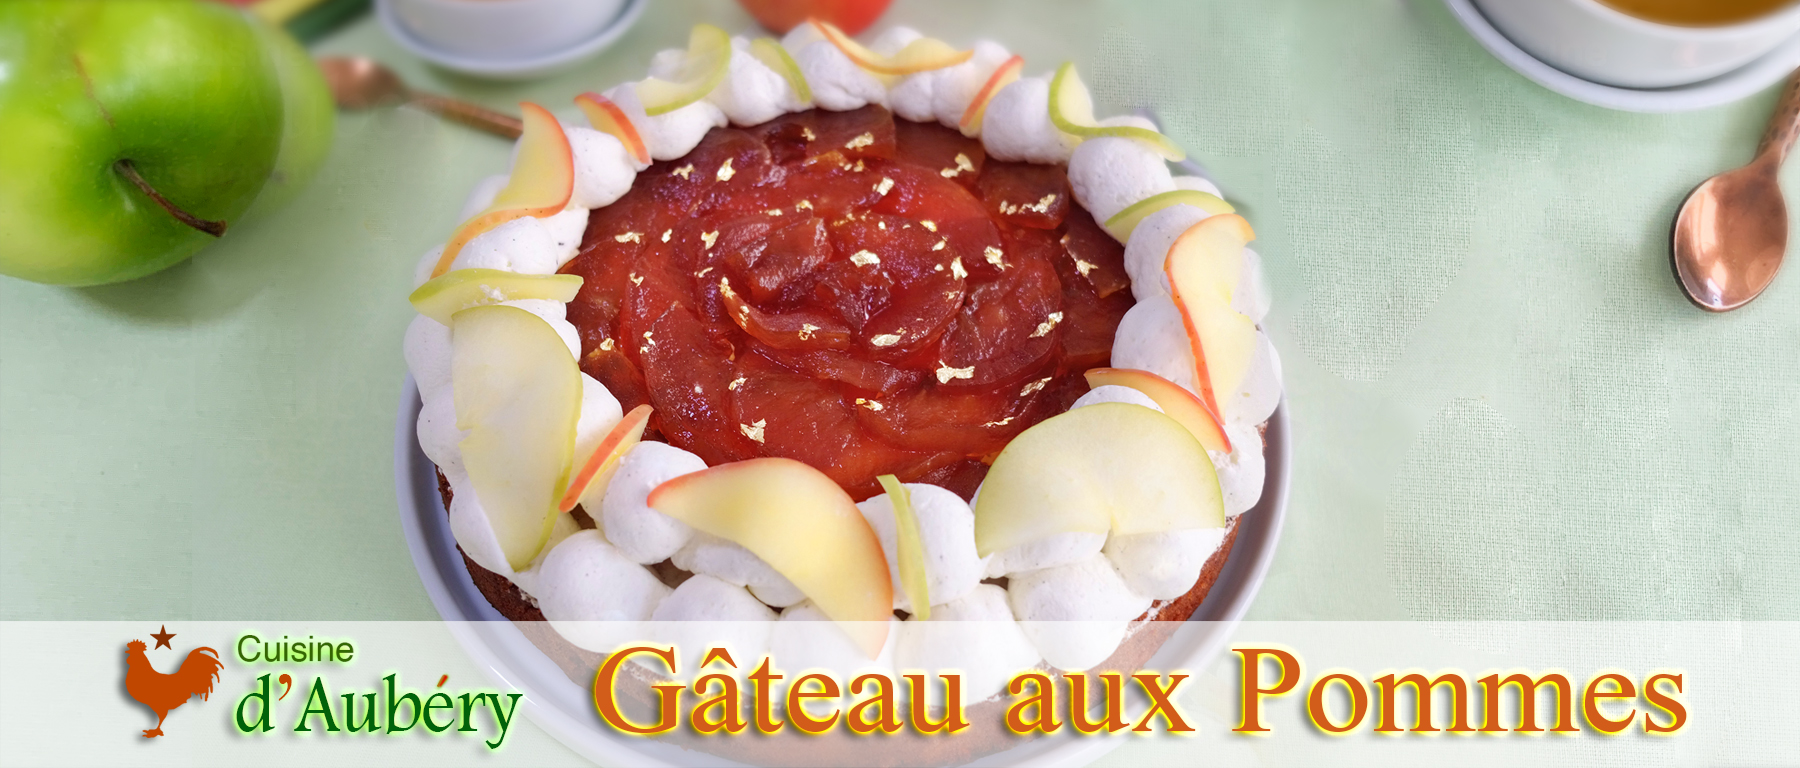 Le Gâteau aux Pommes de M.O.F Vincent Boué